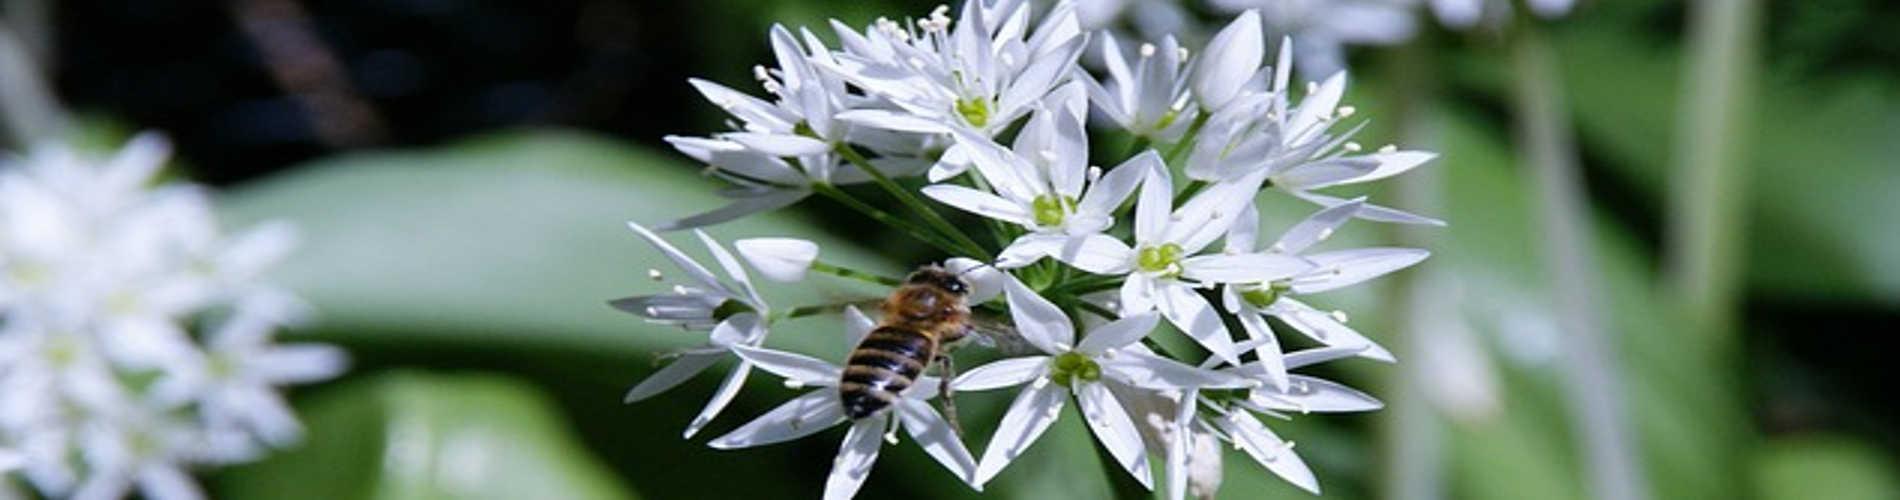 Les abeilles aiment les fleurs